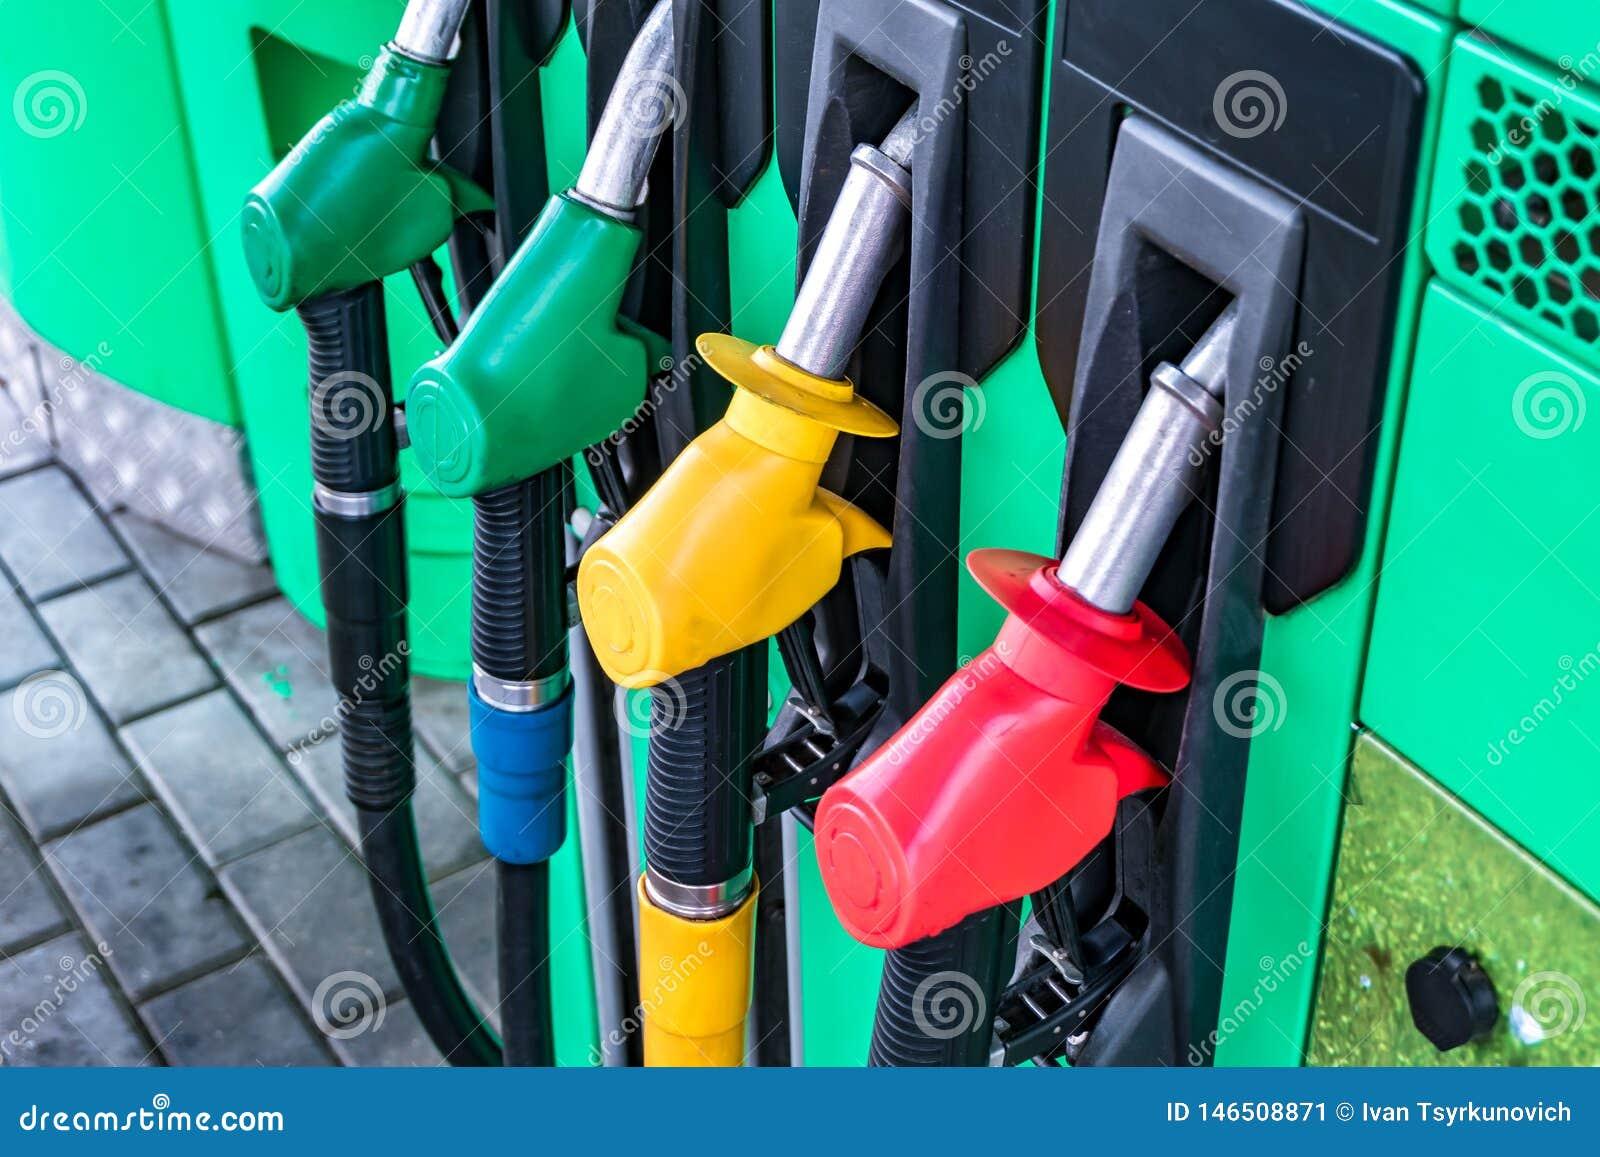 Gaz i stacja benzynowa Pistolety dla refueling przy benzynow? stacj? Szczeg?? dystrybutor paliwowa r??ni kolory w benzynowej stac